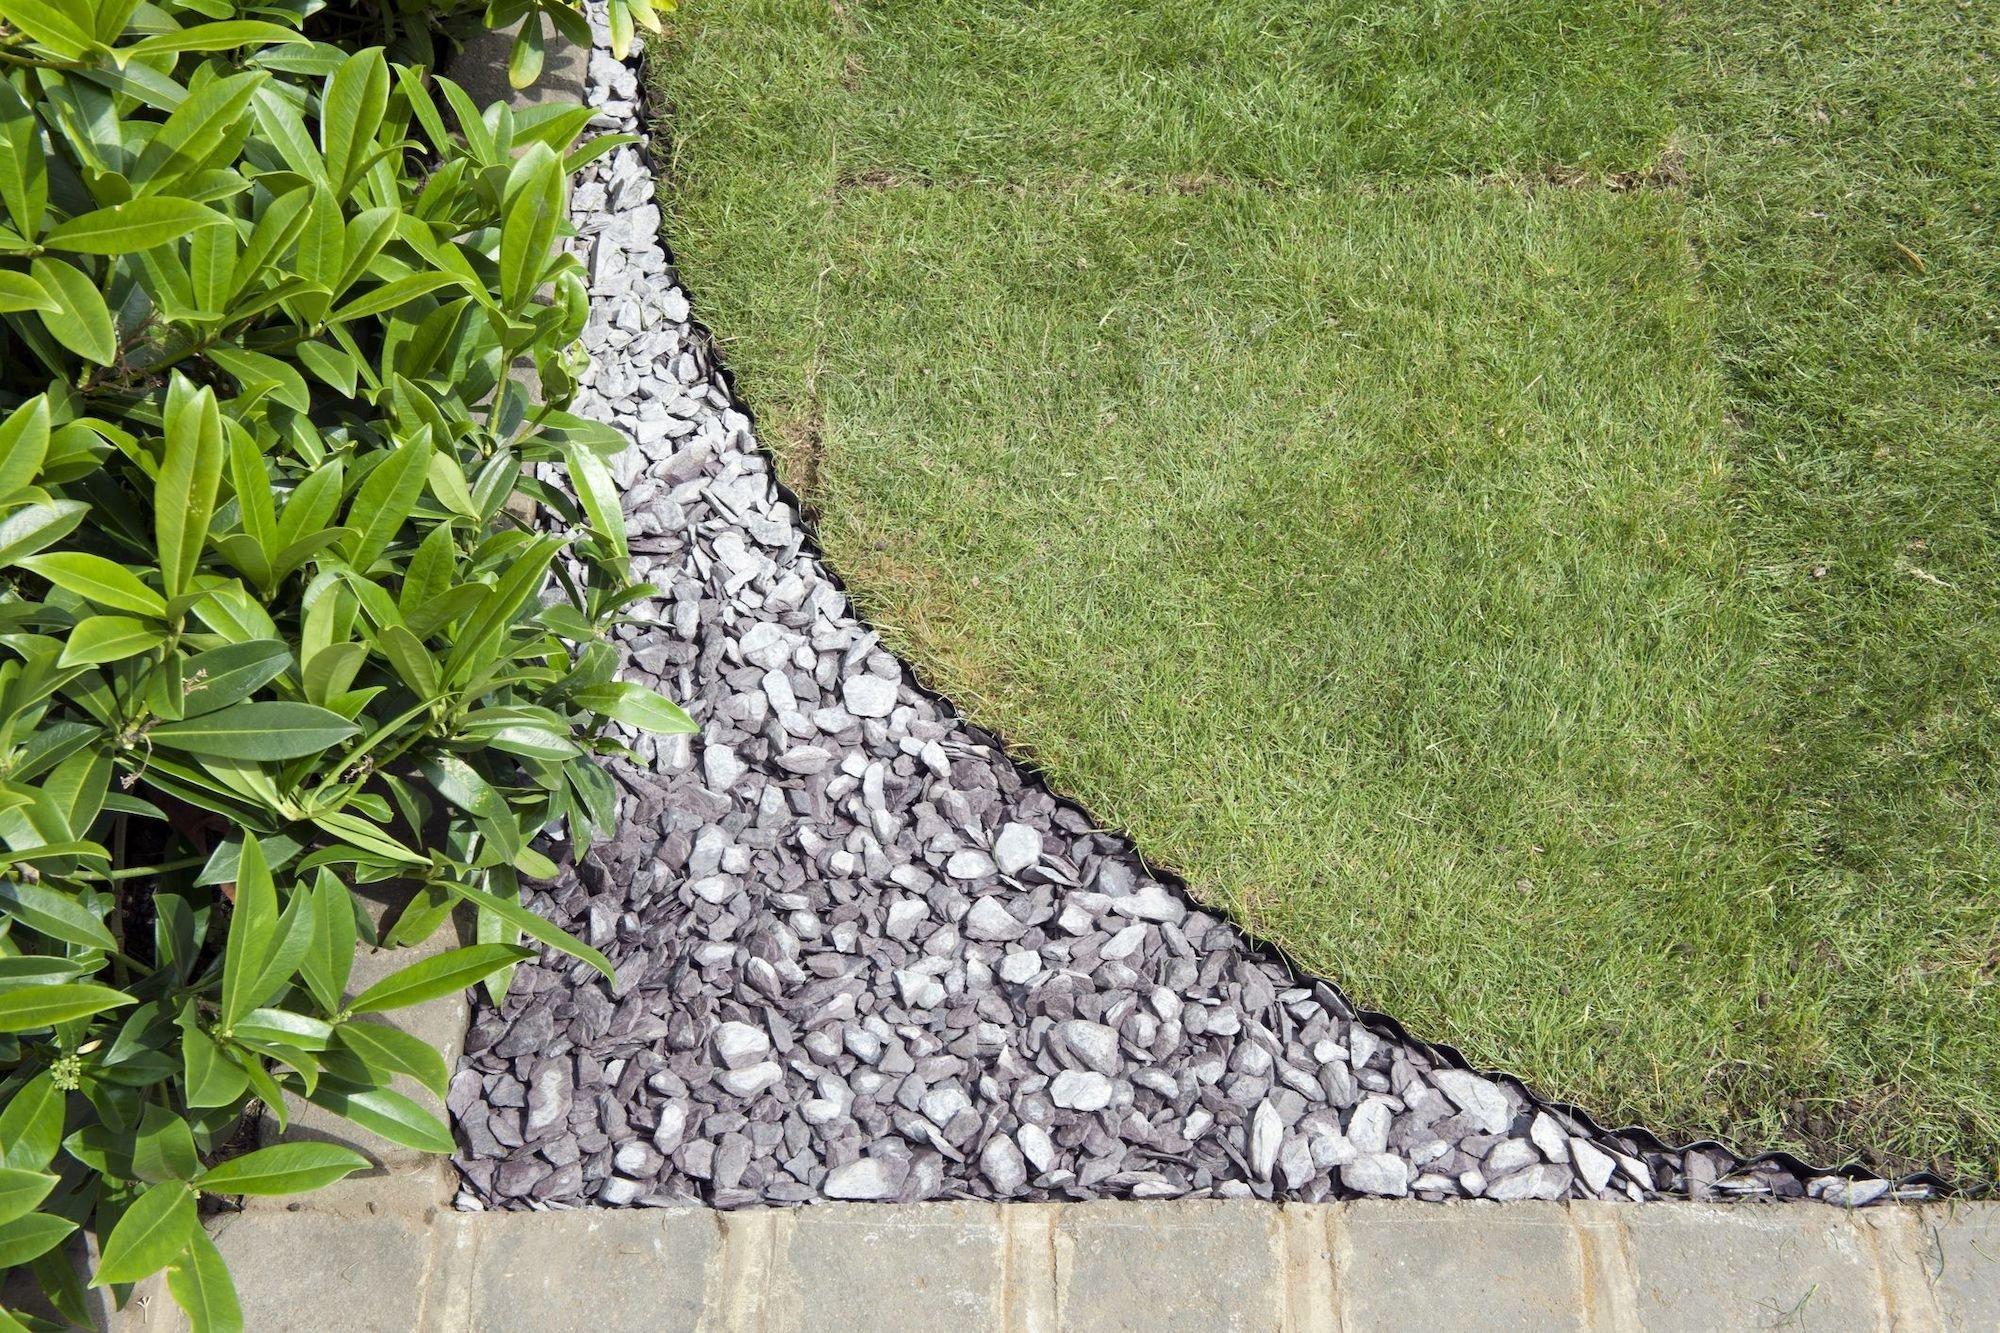 Současná doba fandí zakomponování přírodních prvků do interiéru i do zahrady. Spolu s ostatními materiály tak dostává šanci také břidlice, která zaujme nejen svým zajímavým přírodním vzhledem, ale i celou řadou pozitivních vlastností. Ty tam jsou tak časy, kdy se břidlice používalo výhradně jako střešní krytiny, v těch současných se uplatní v mnohem větší míře od zahradních cest až po obklady grilů.